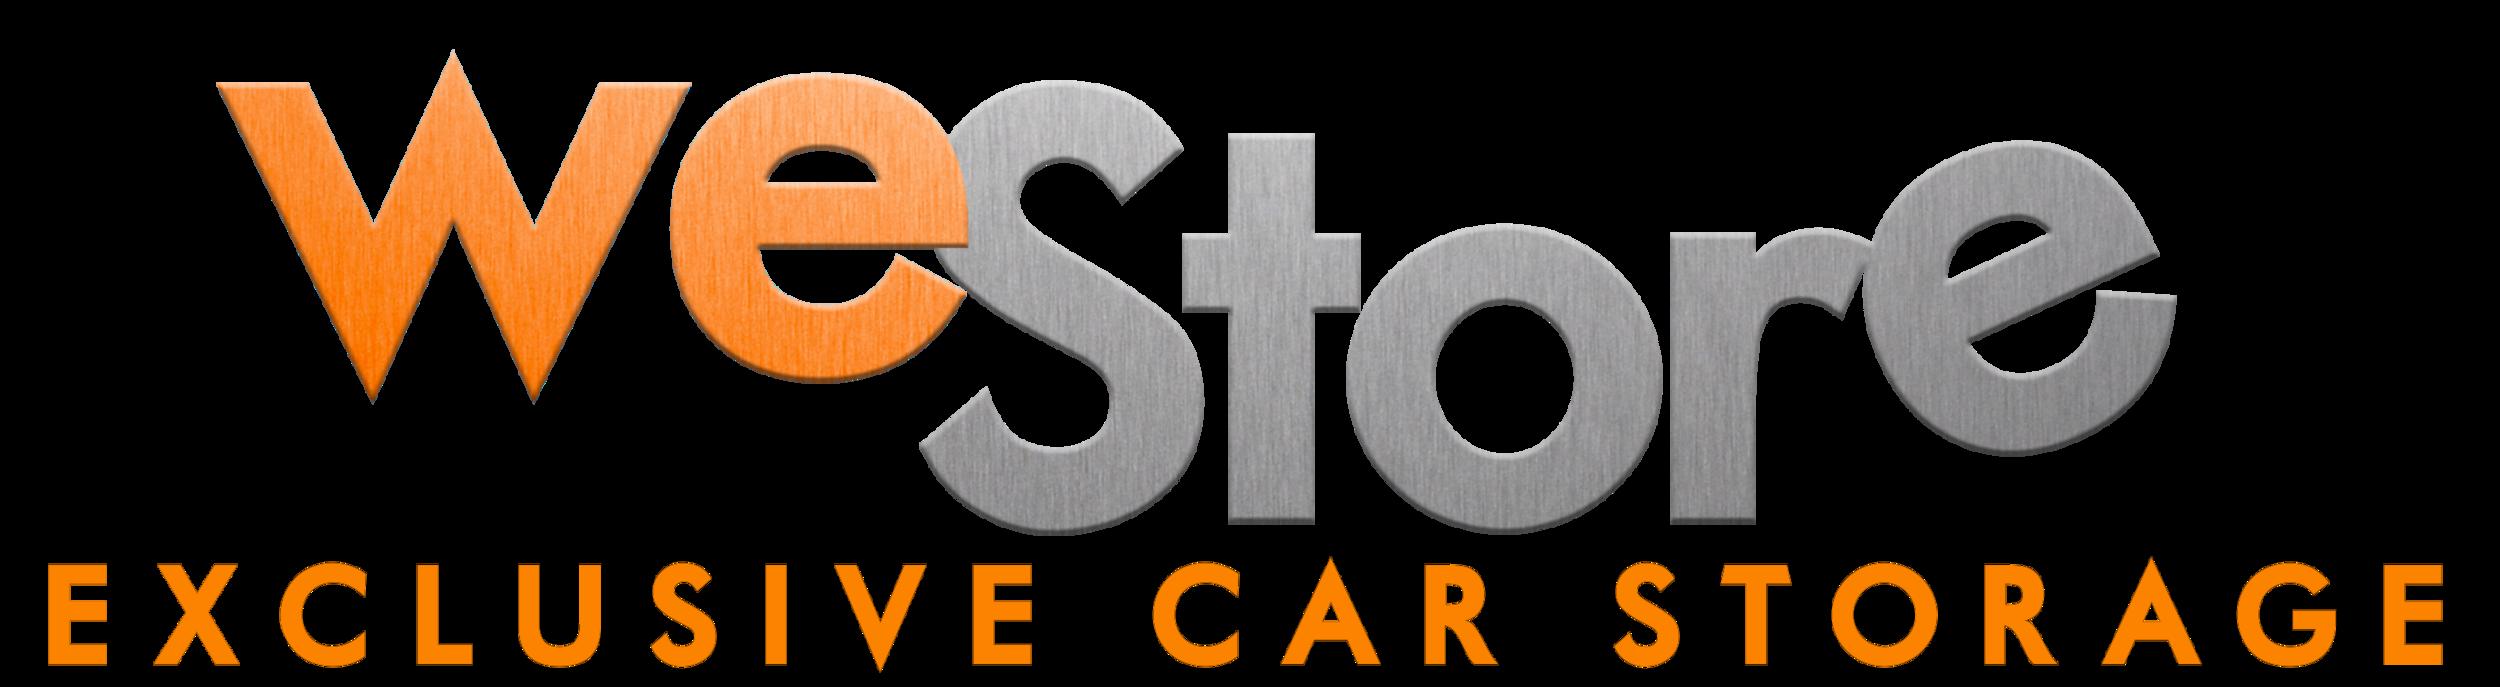 We Store Exclusive Car Storage_alu brosse_orange_2.png